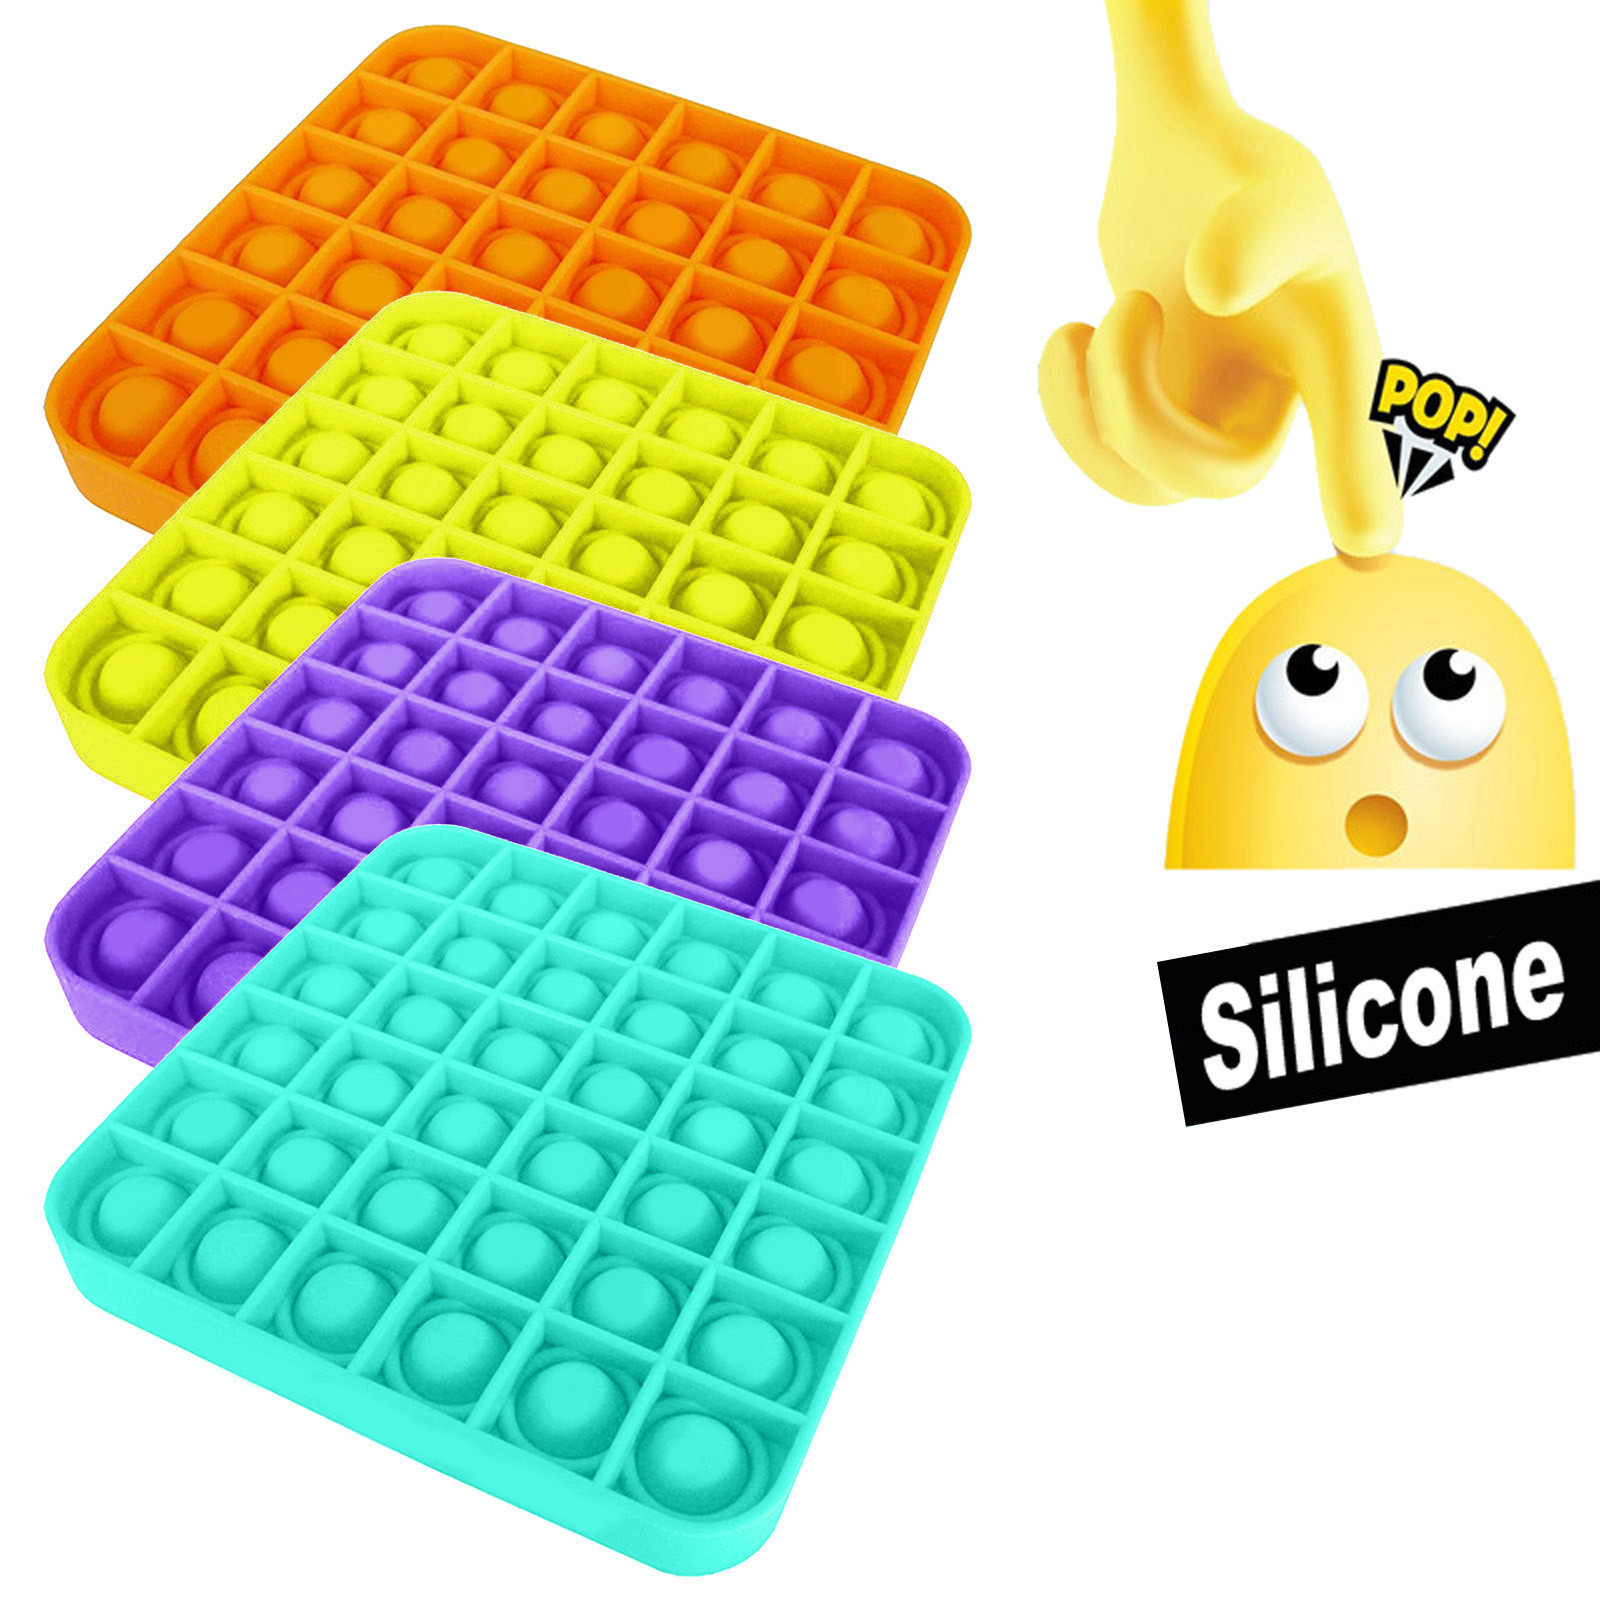 Игрушки-сжималки для взрослых и детей, забавная игрушка-антистресс с пузырьками, силиконовая игрушка для людей с аутизмом и особыми потребн...